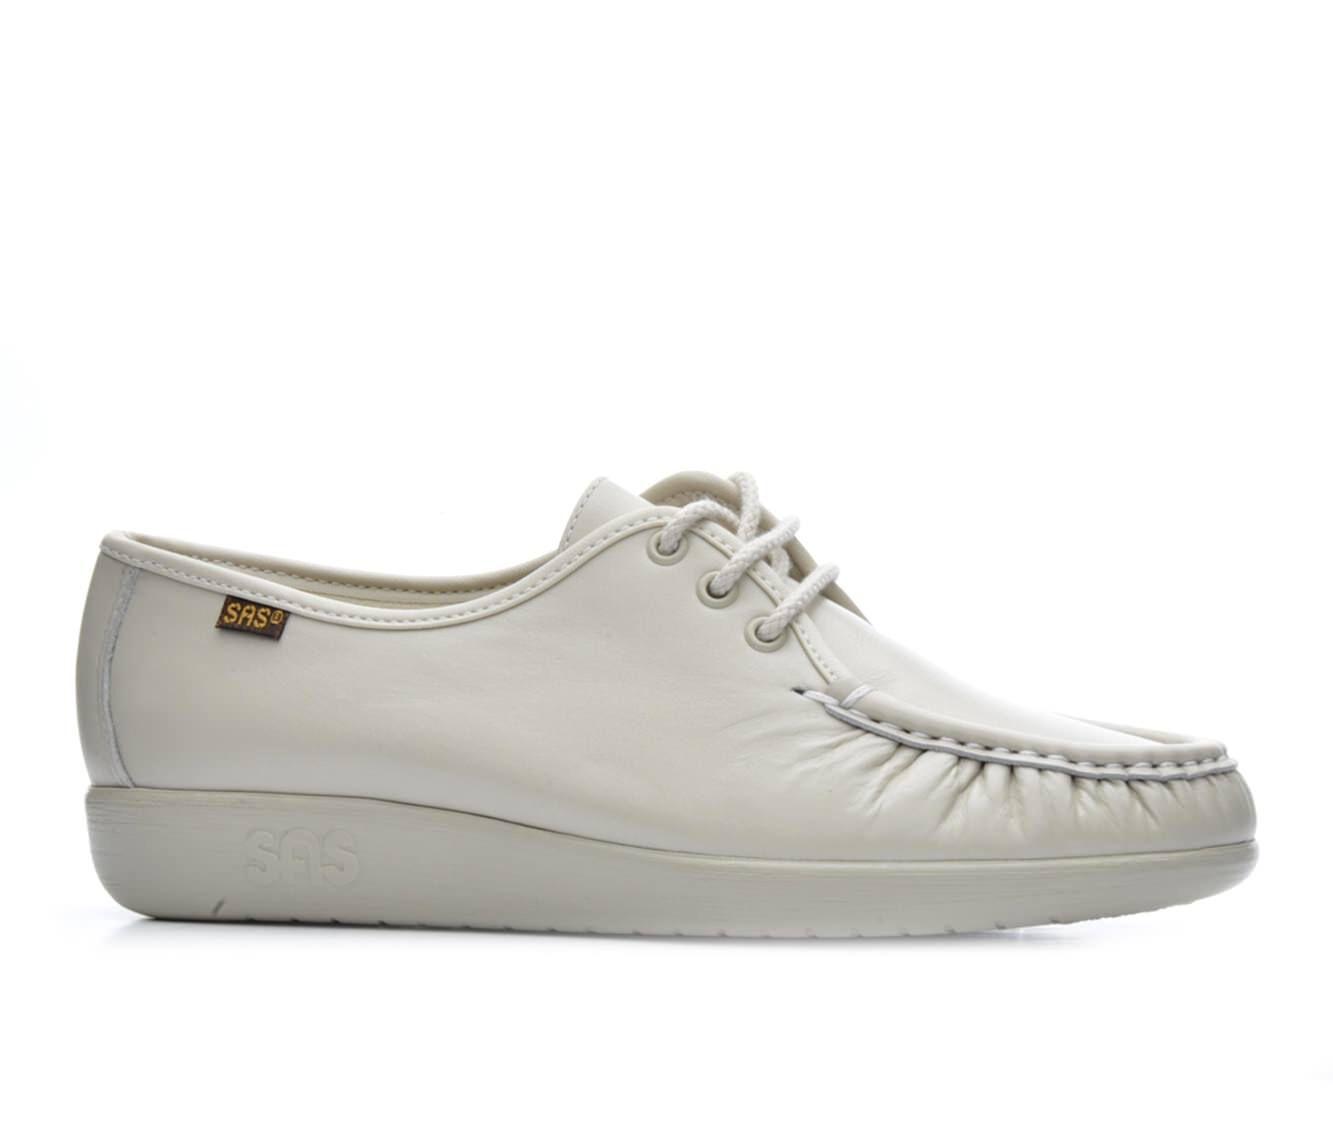 Women's Sas Siesta Comfort Tie Comfort Shoes Bone